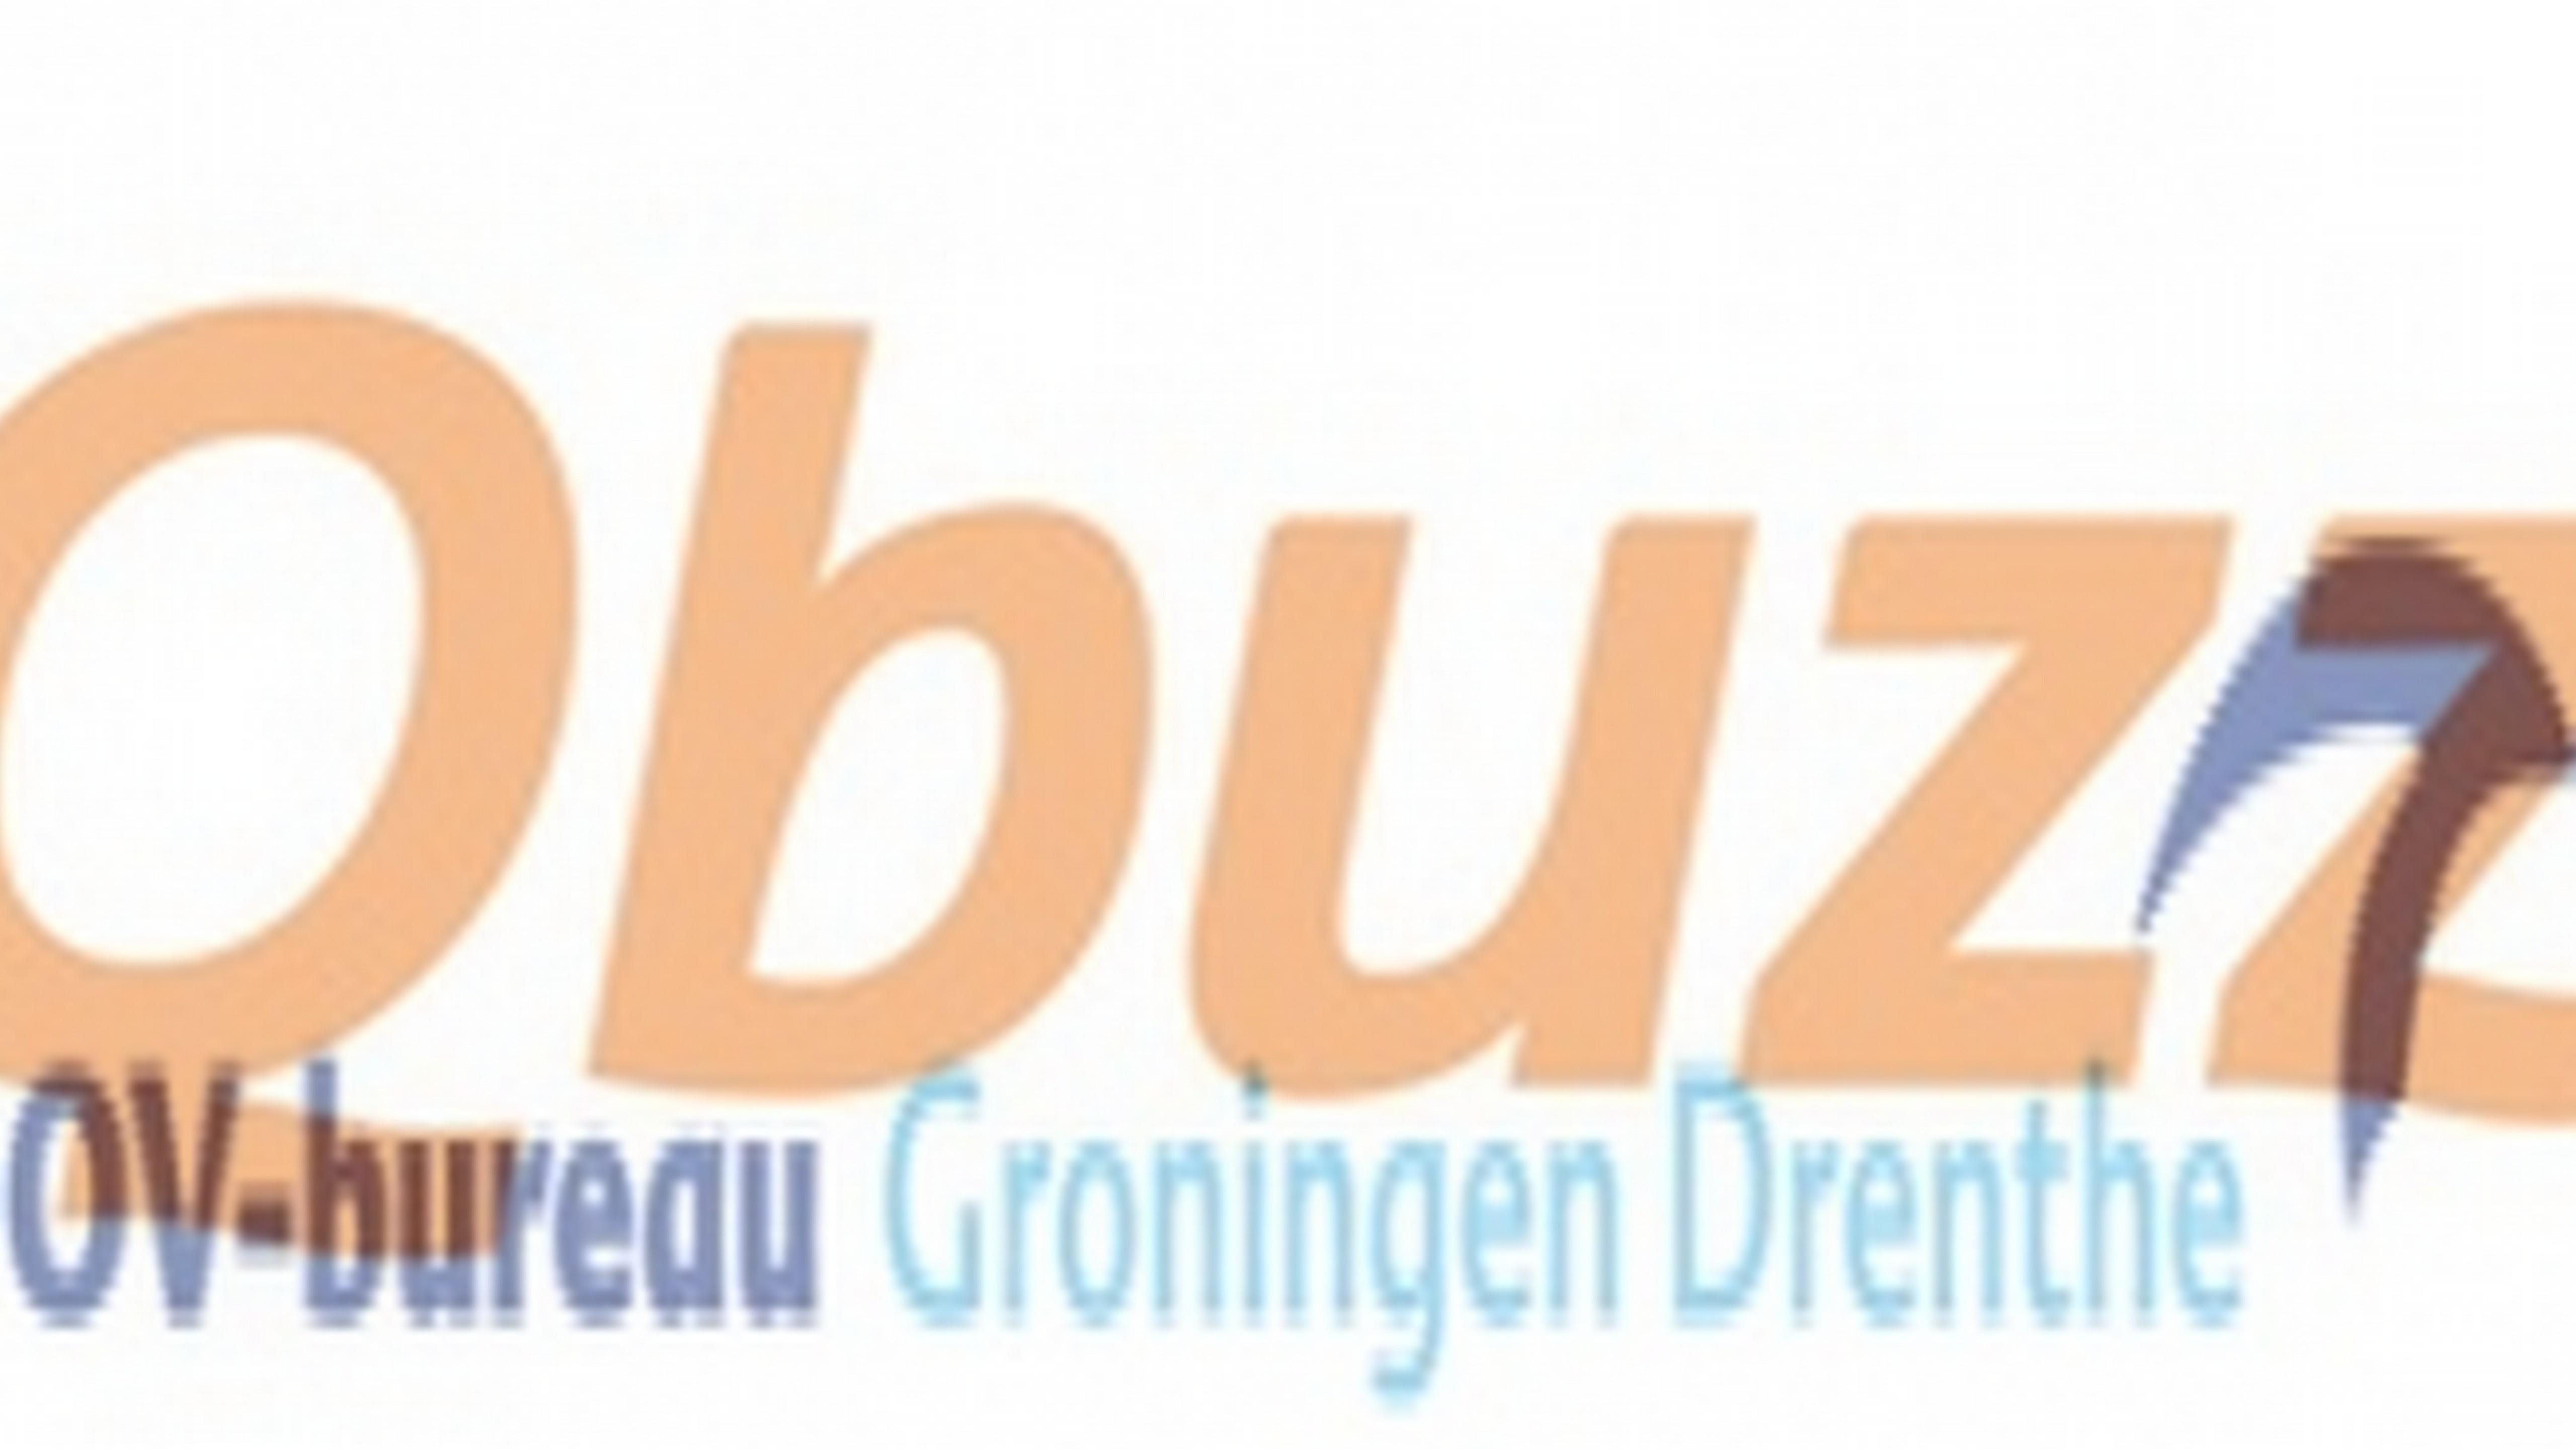 Nieuwe dienstregeling QBUZZ in Groningen en Drenthe